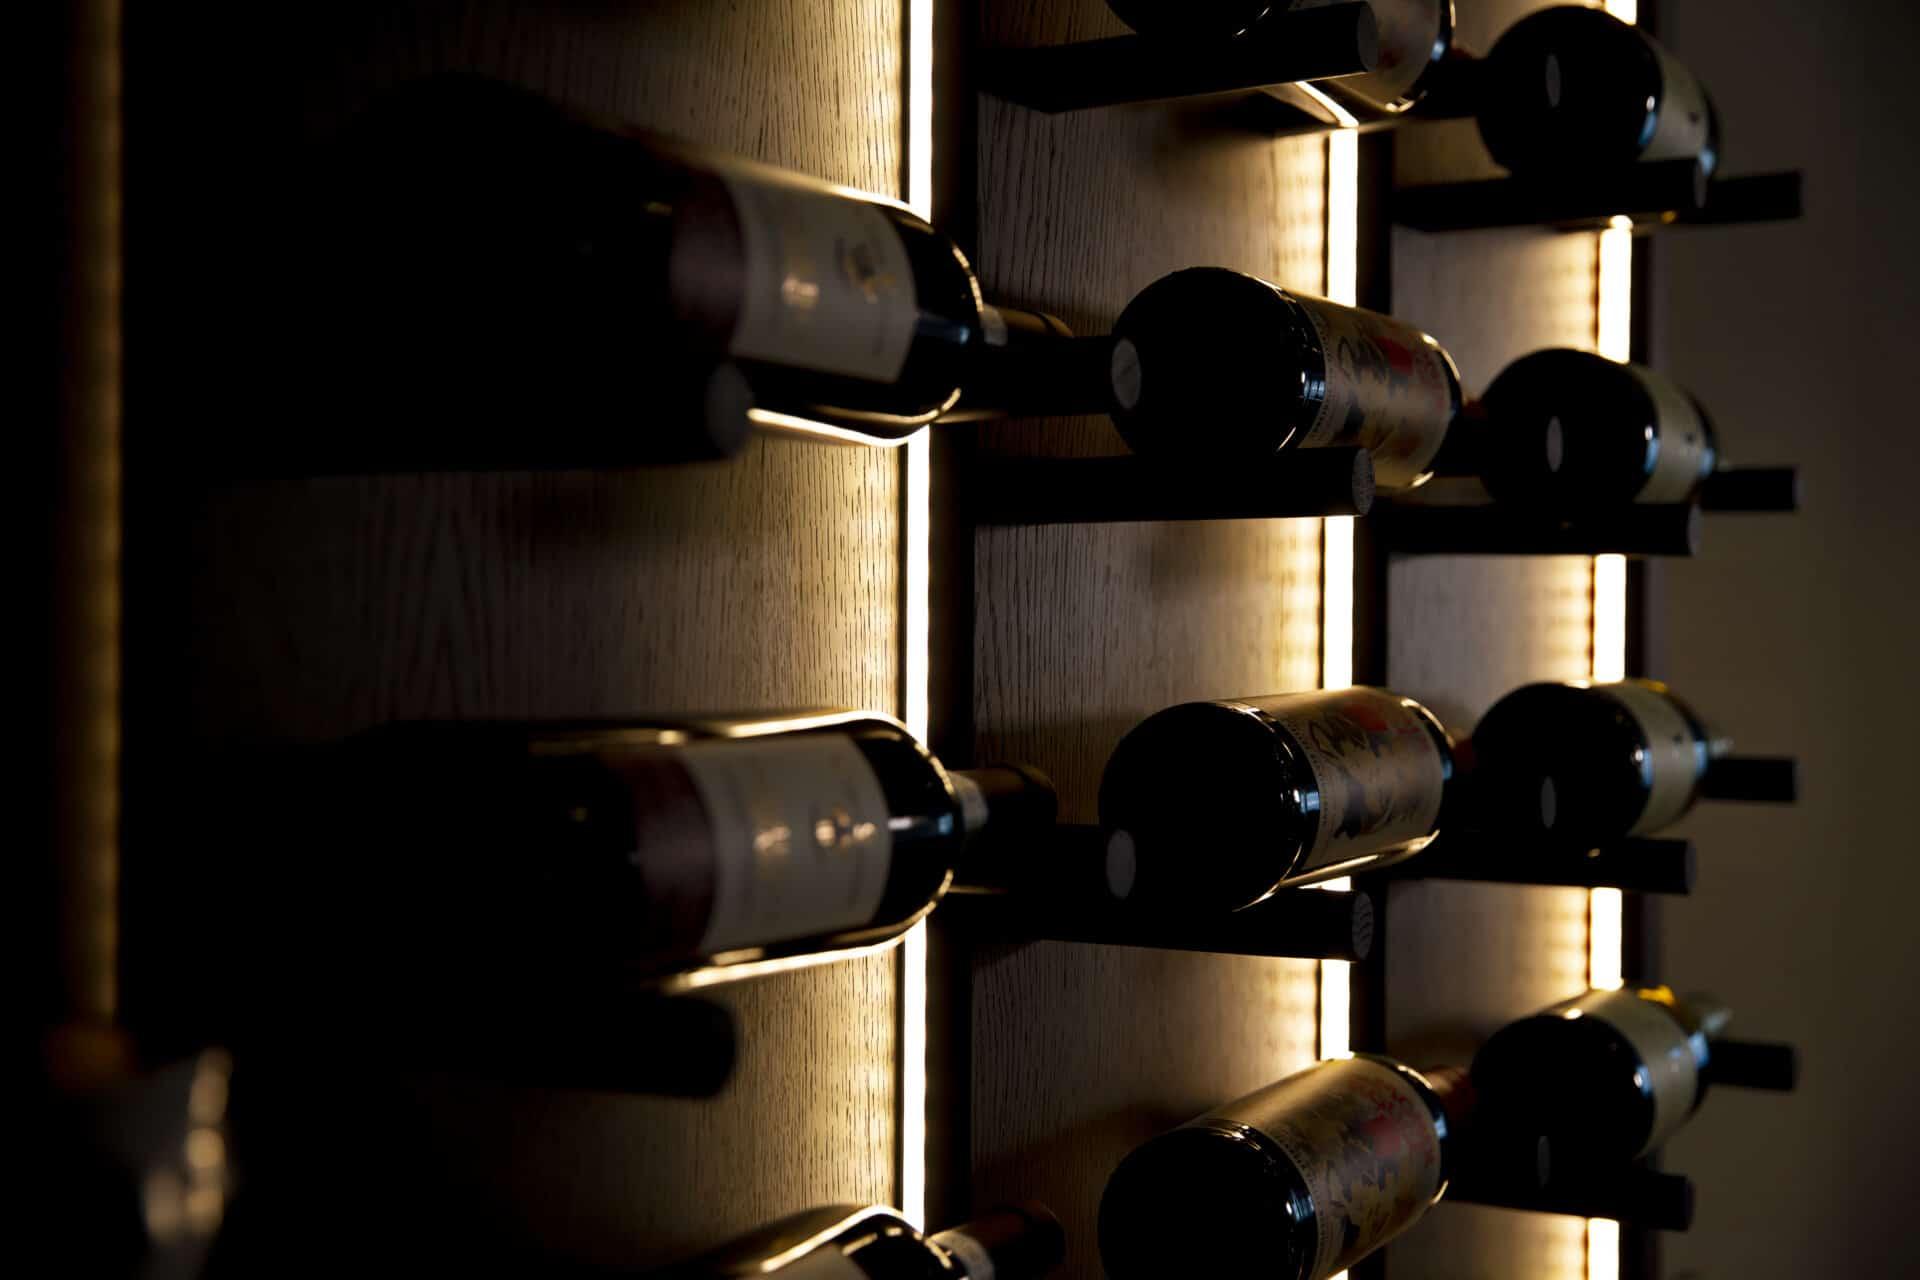 Närbild på vinflaskor med belysning mörkbetsad ek